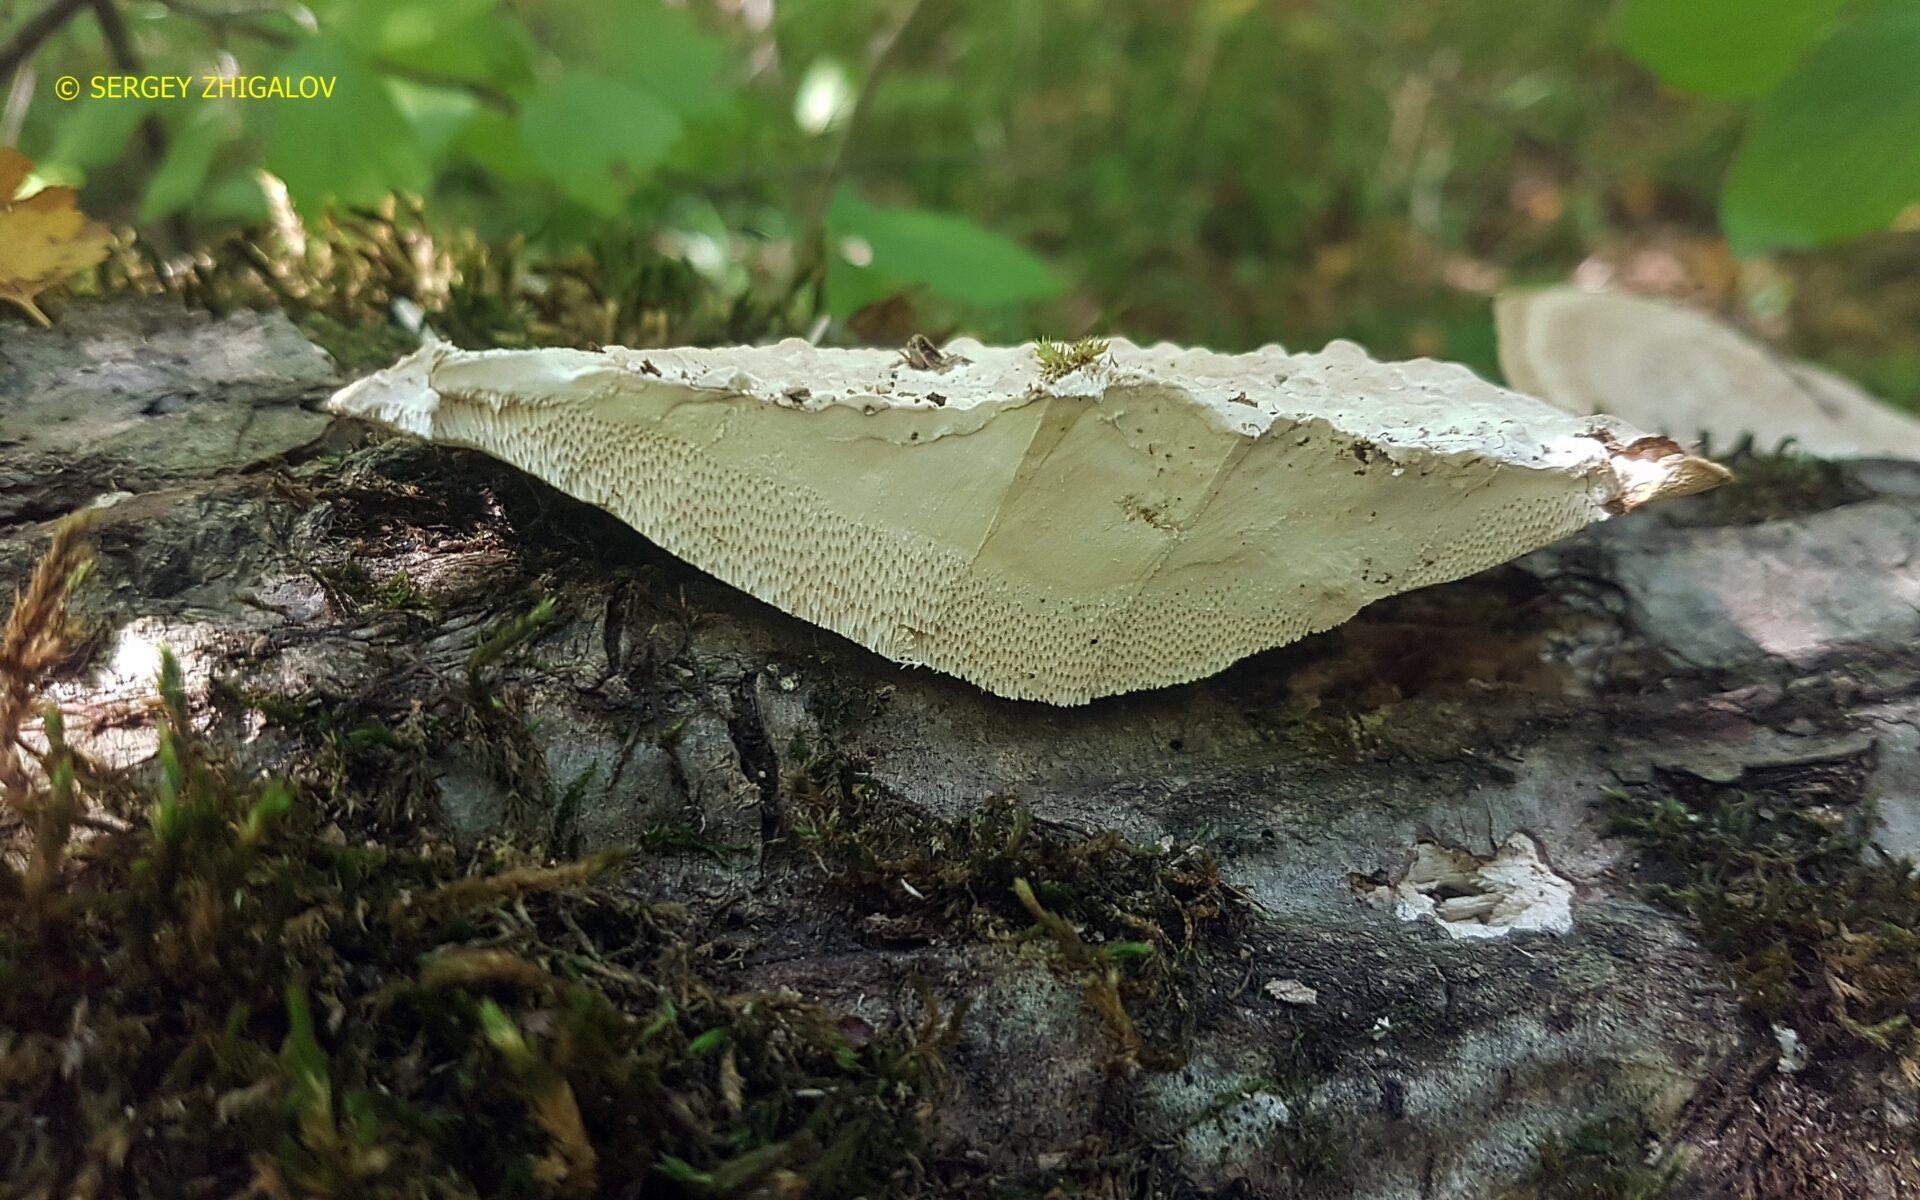 Трутовик бугристый Daedaleopsis confragosa